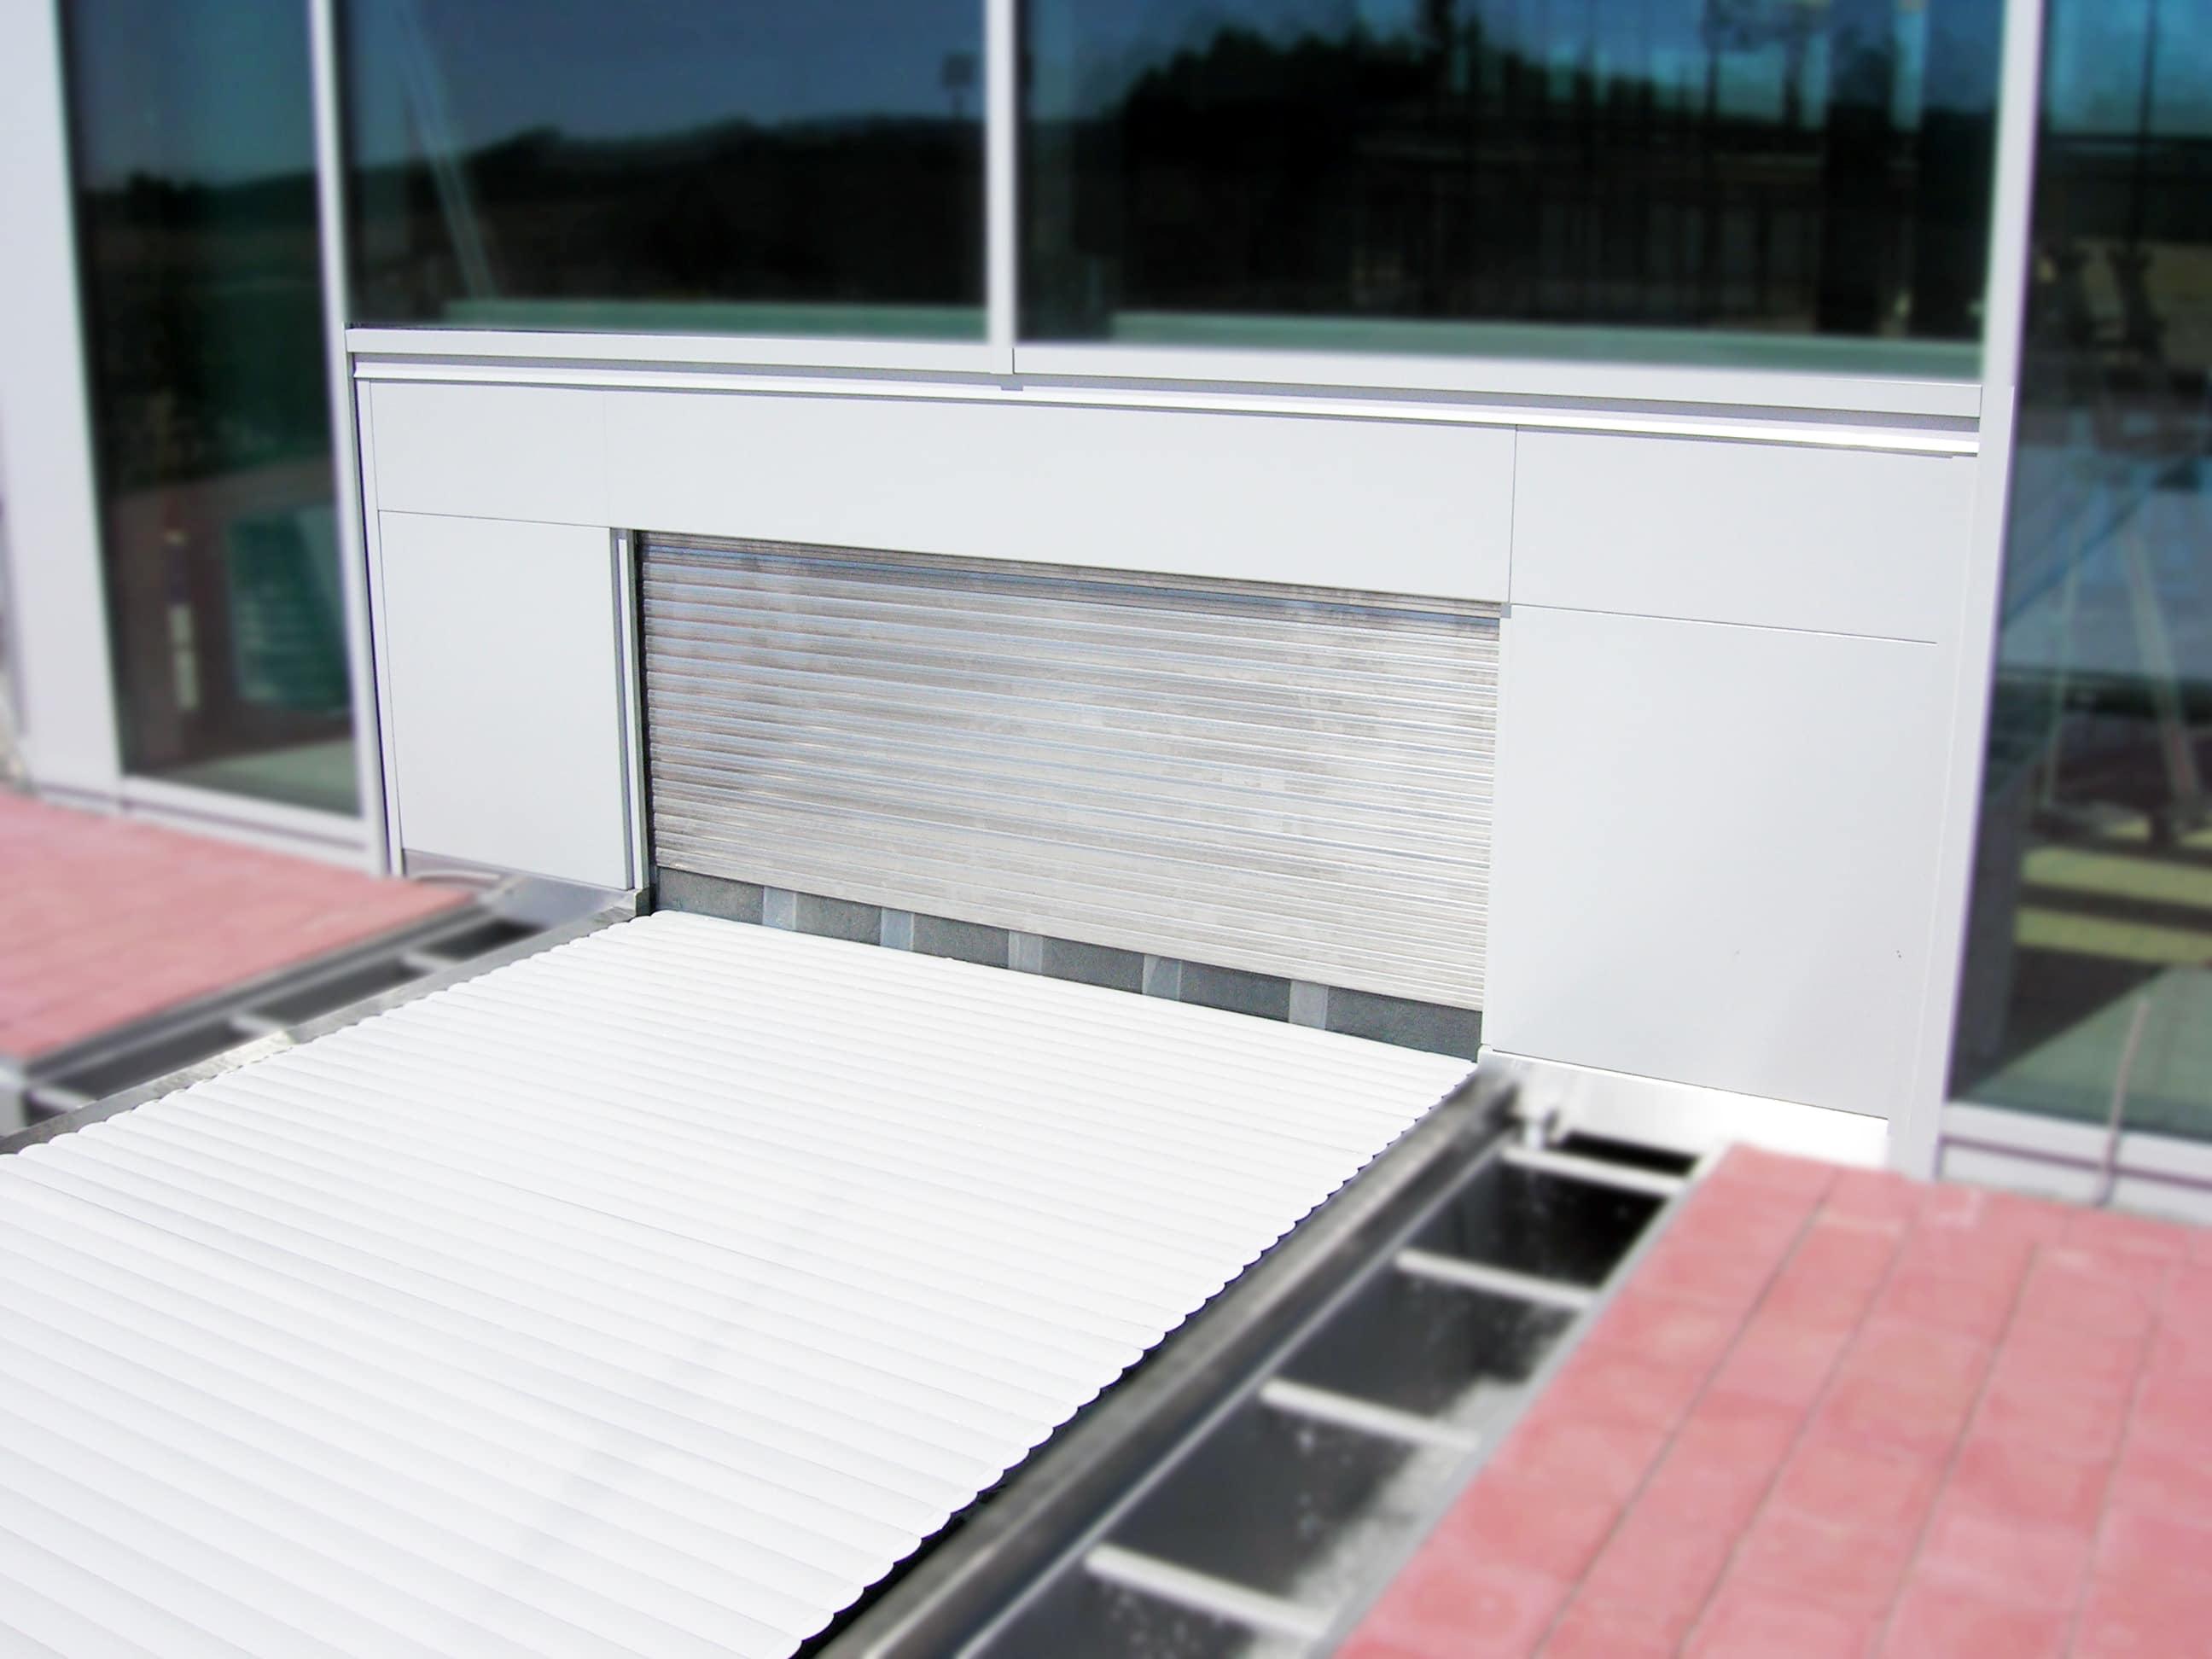 Séparation verticale du bassin - Rollo Solar Melichar GmbH - Cloison Rideau